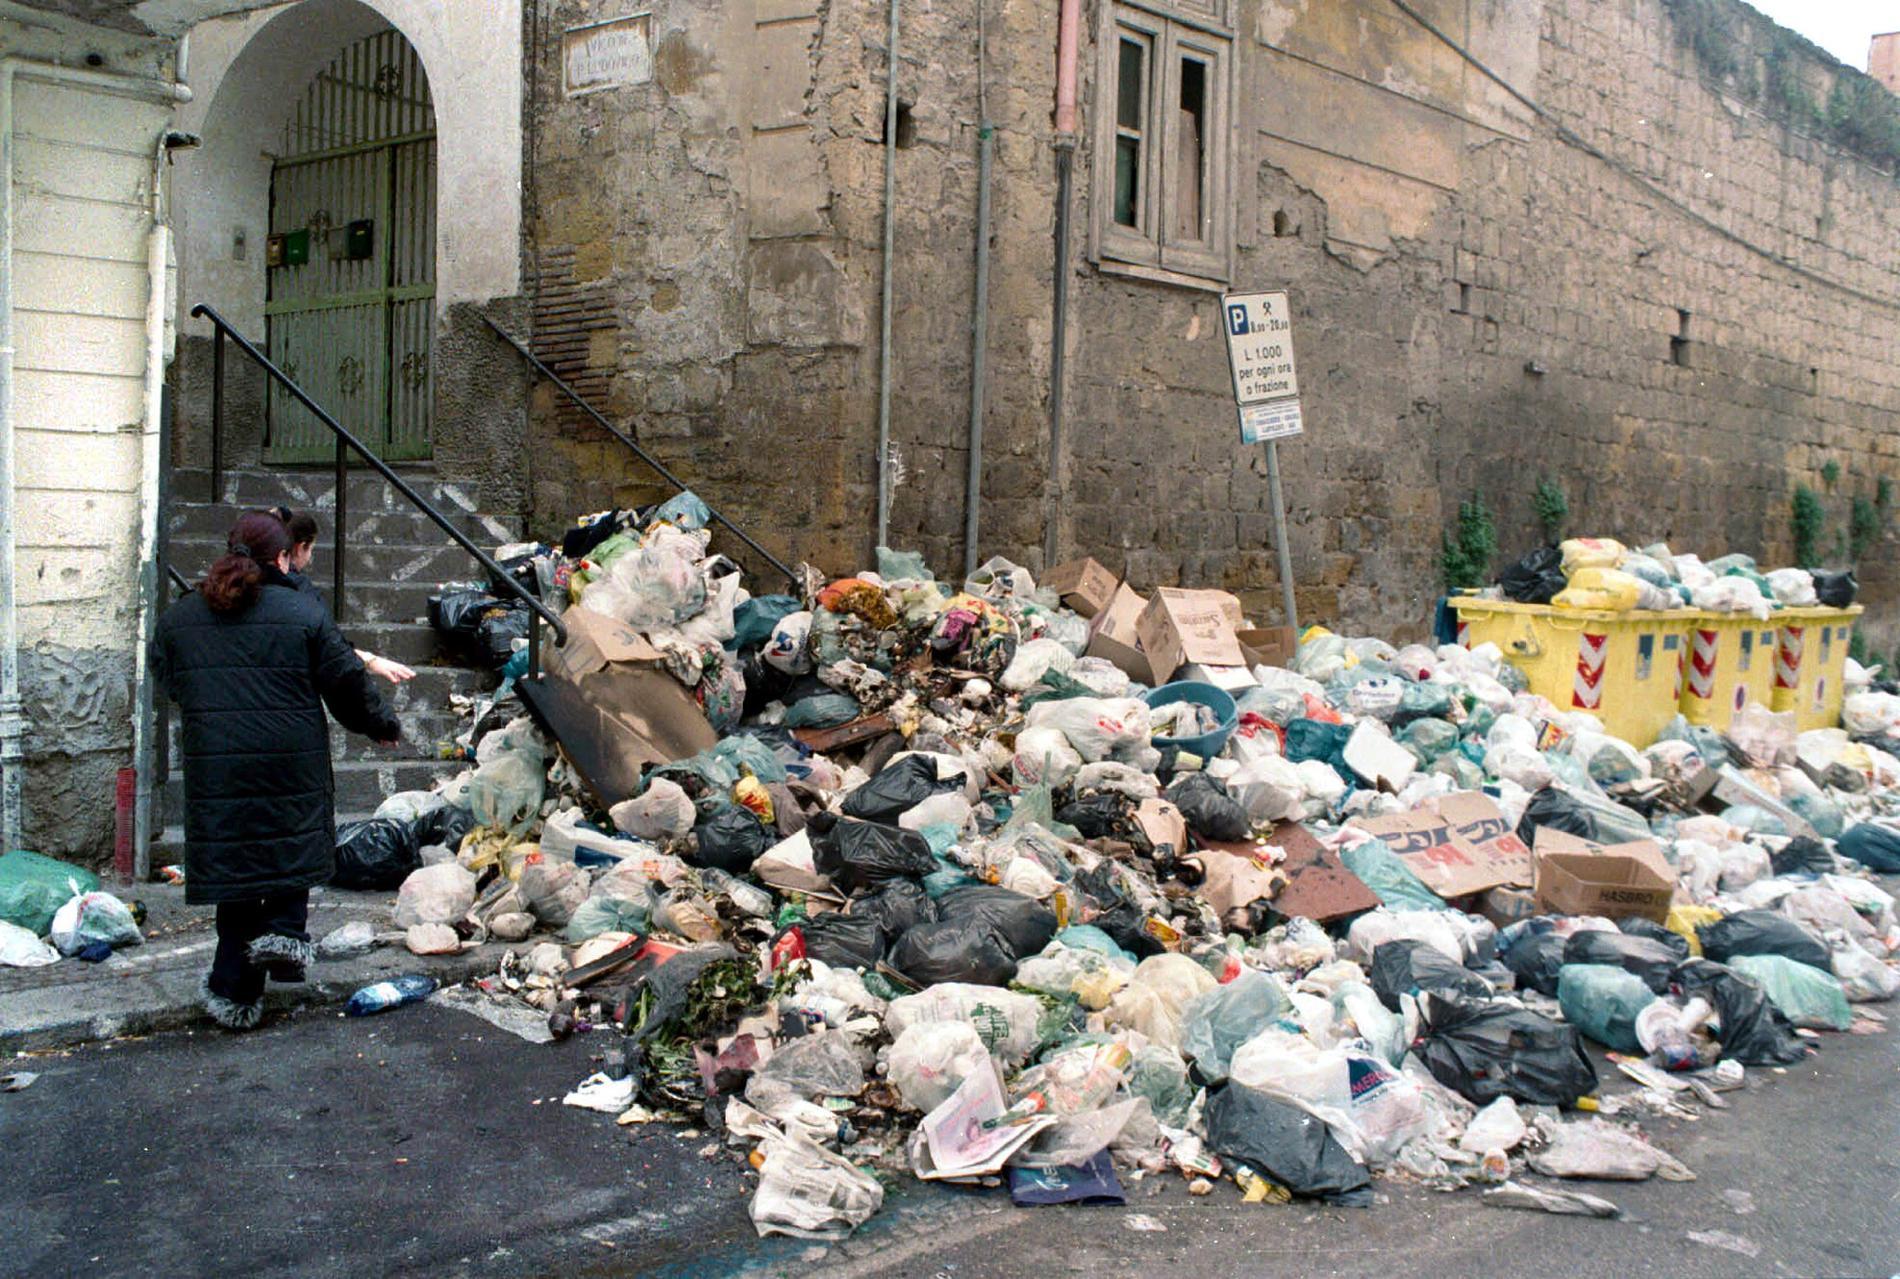 I början av 2000-talet rådde sopkris i Neapelområdet. Högvis med sopor samlades på gatorna och skolorna fick stänga då man inte längre kunde garantera hygien. Krisen skylldes på Camorran.